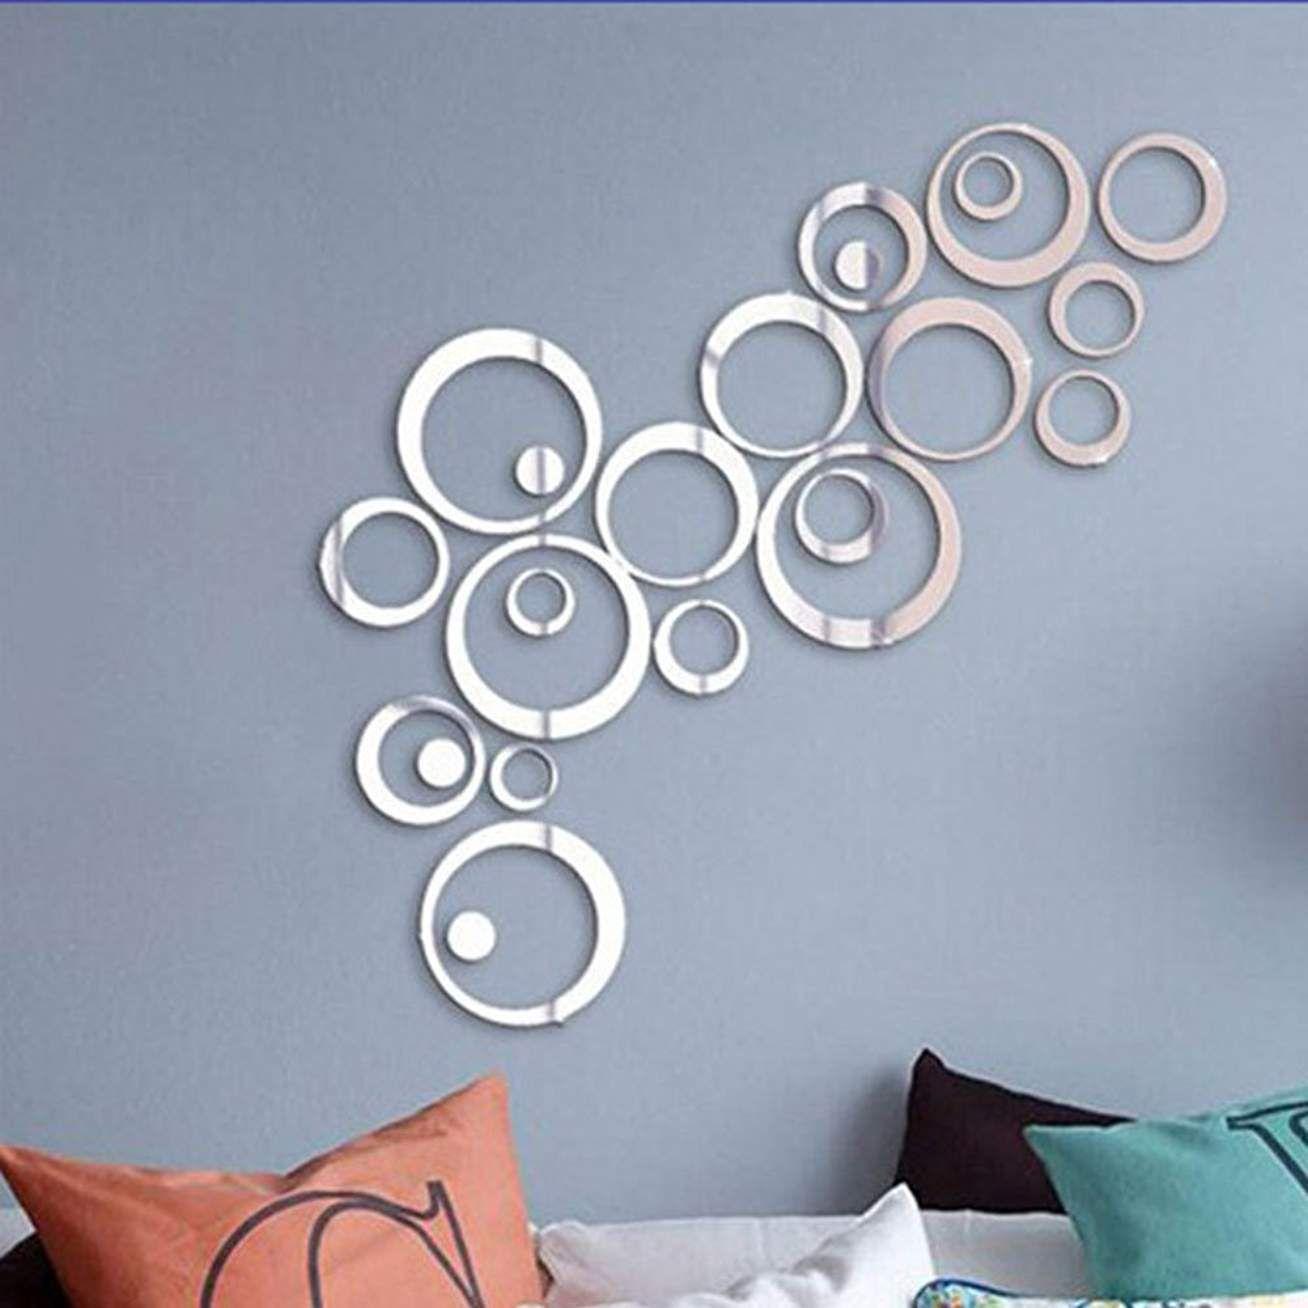 Mur Autocollant Miroir Salon Acrylique Diy Miroir Autocollant Montre 3D Autocollants Mode D/écoration De La Maison